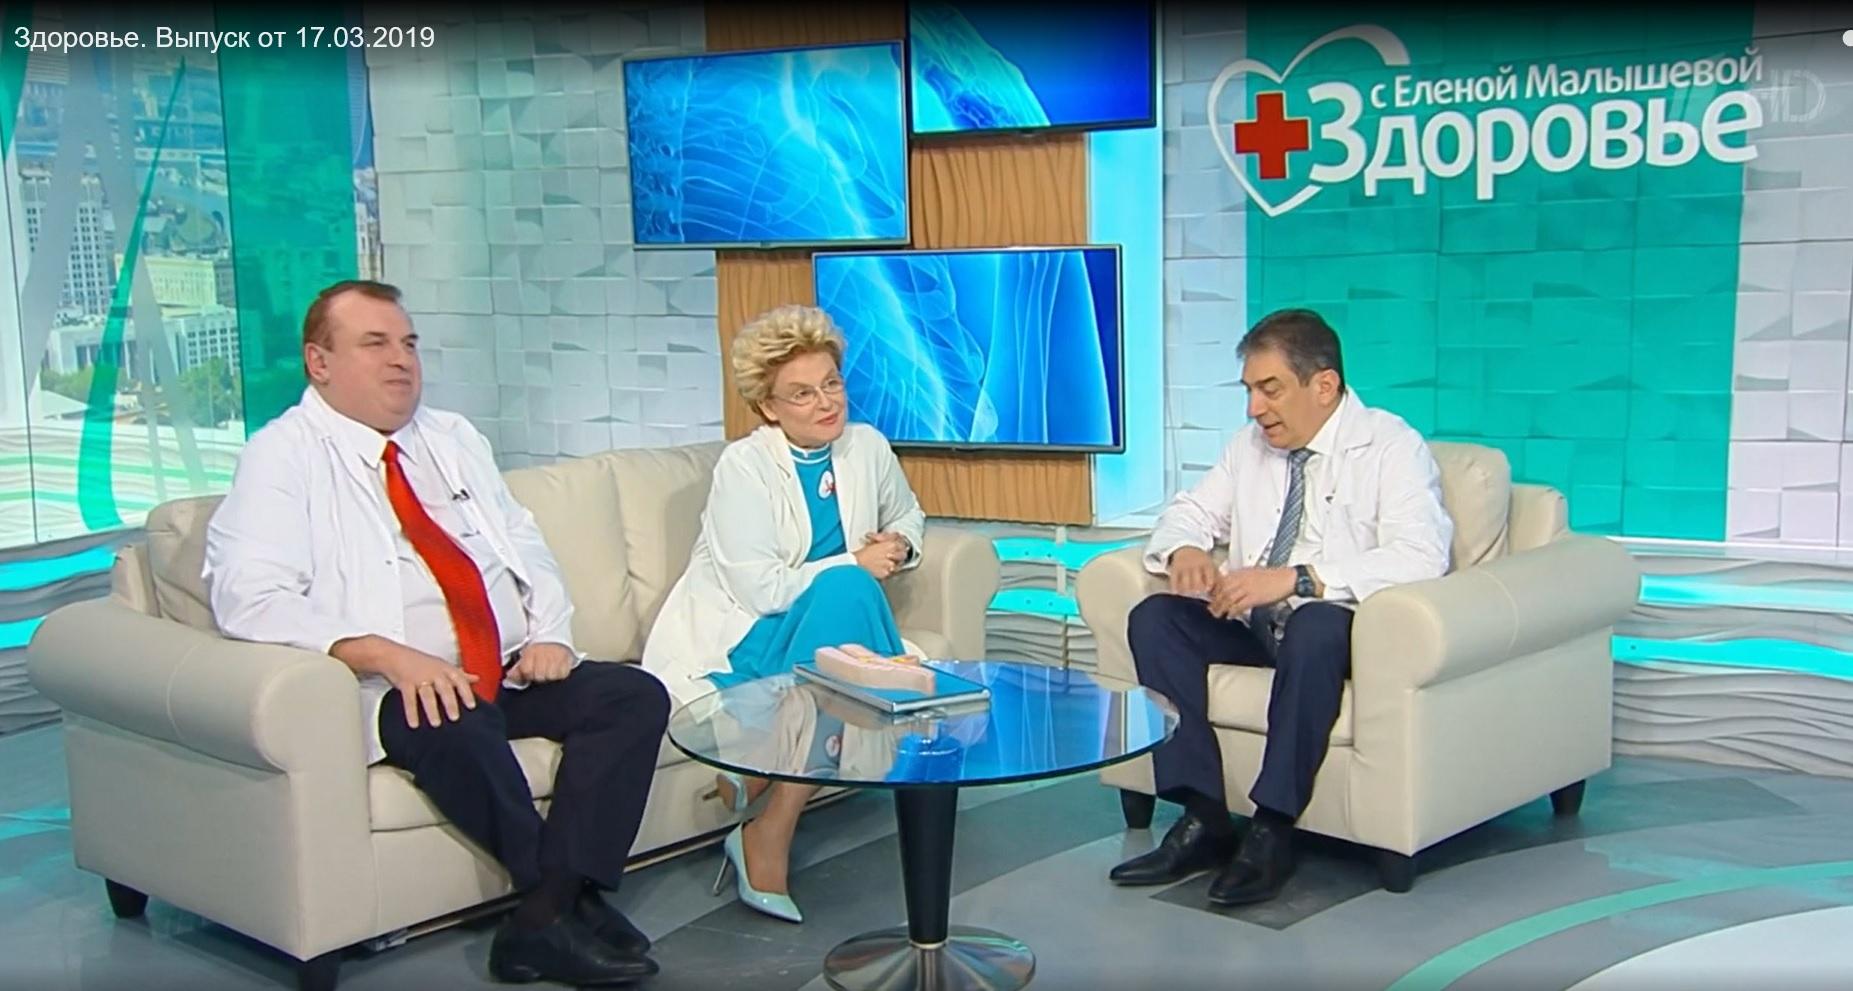 Вышел очередной телесюжет о внутриутробных операциях в передаче